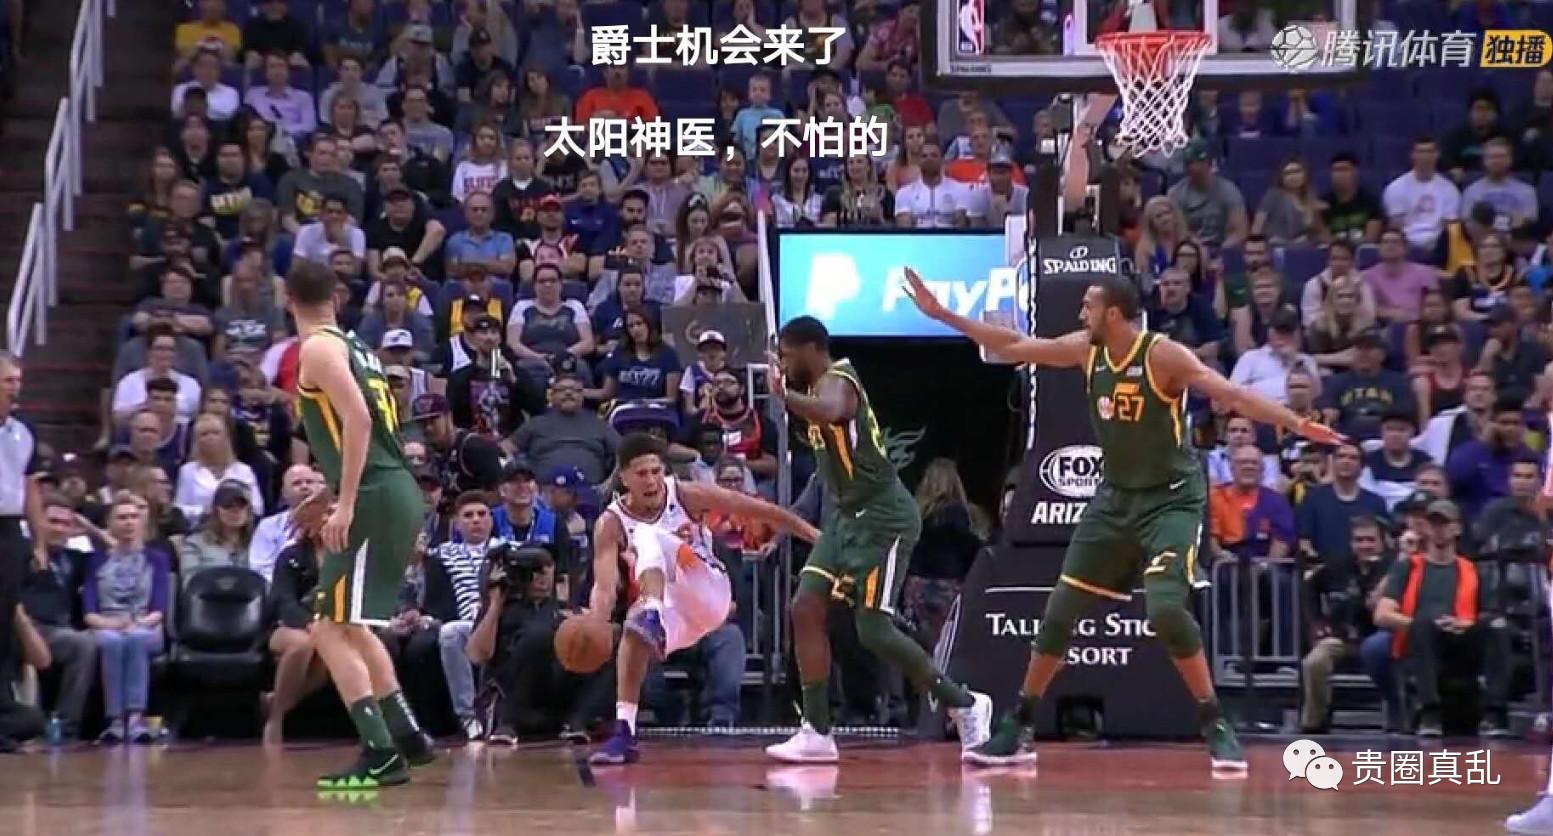 布克脚踝90度扭曲离场! 居然有一群粉丝叫好, 请滚粗NBA好吗!(图13)